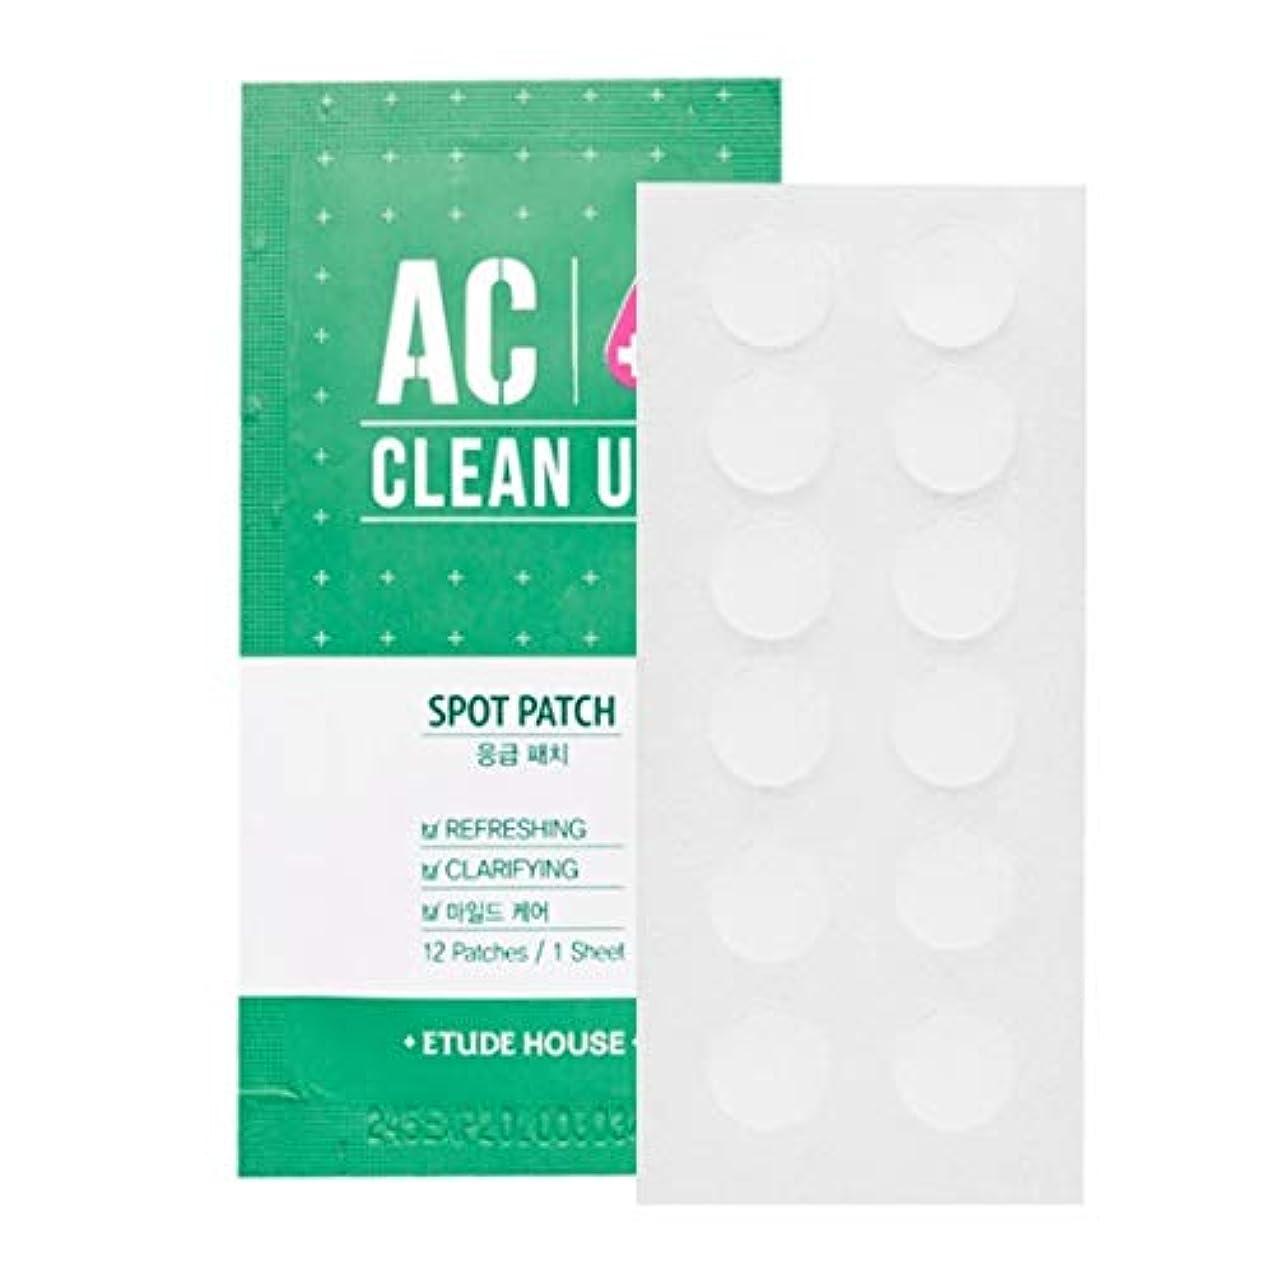 知覚宇宙のお風呂を持っているETUDE HOUSE AC Cleanup Patch 10pcs / エチュードハウスACパッチ10枚/ にきびパッチ [並行輸入品]